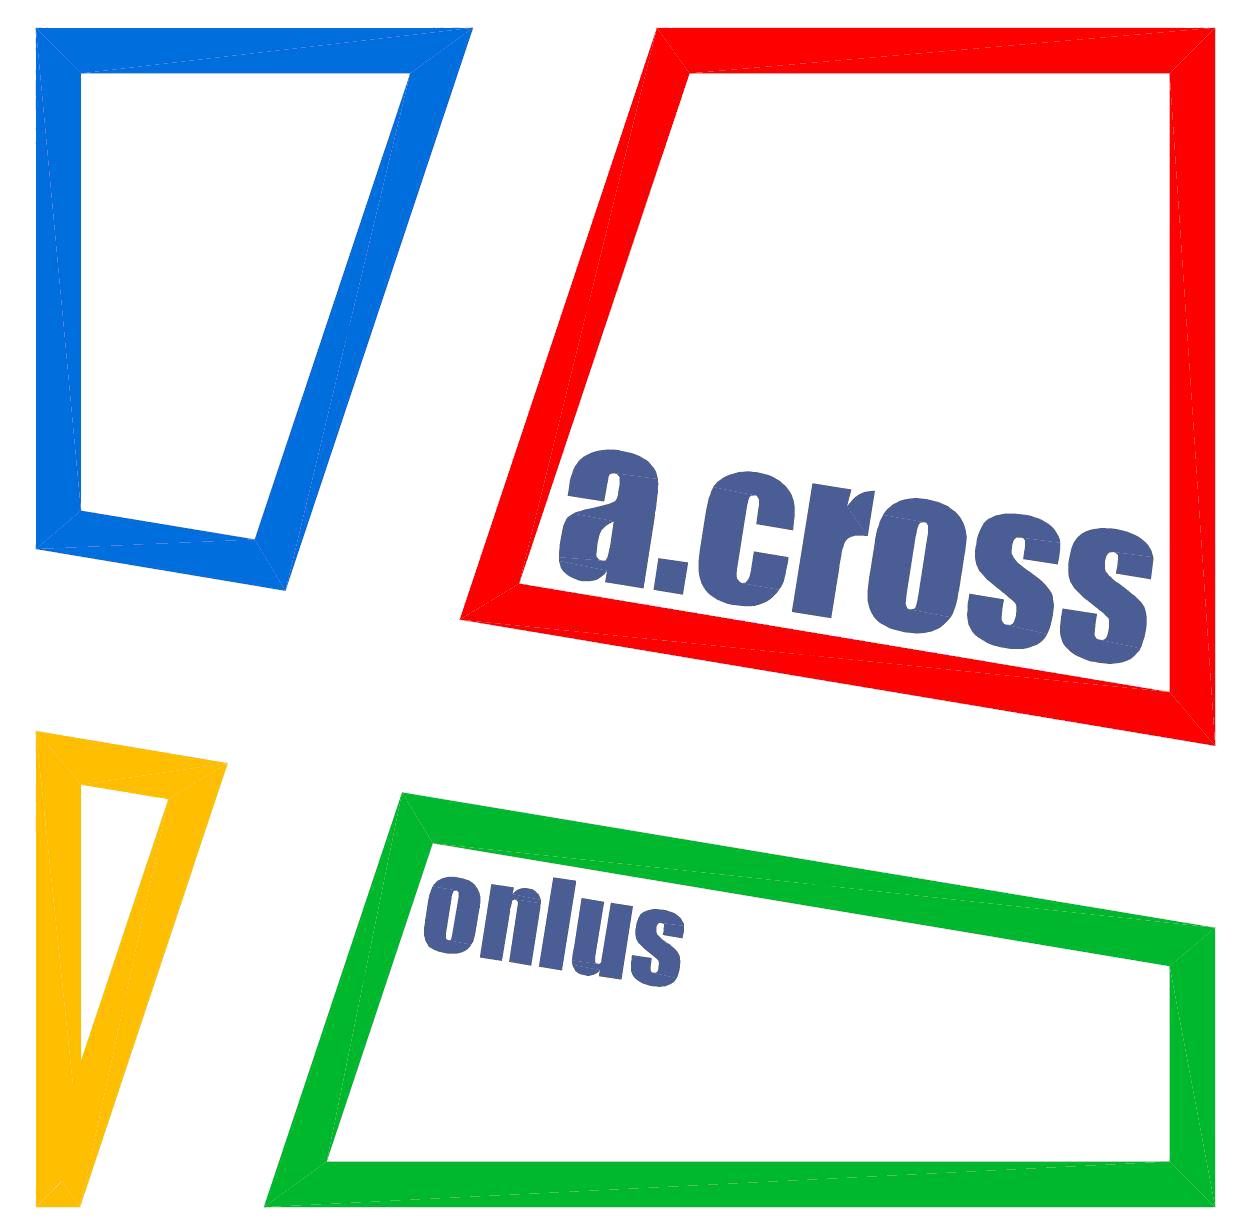 A.CROSS